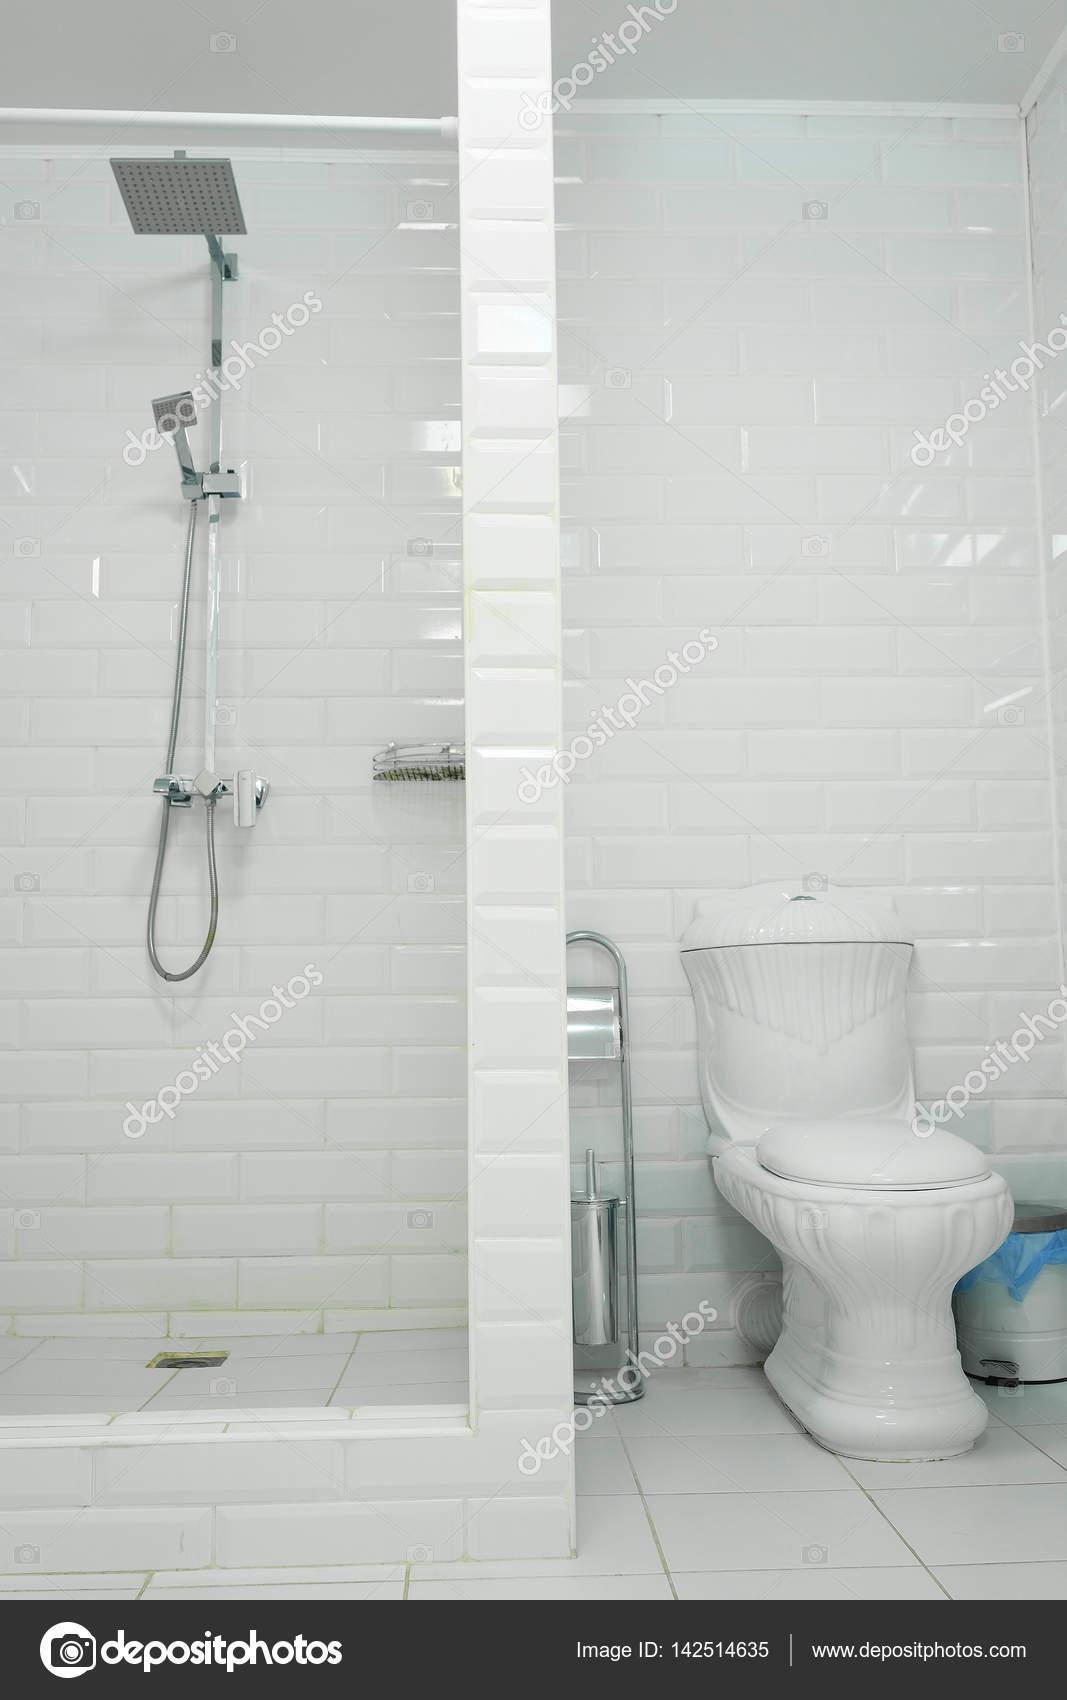 cuarto de baño con aseo — Fotos de Stock © uatp12 #142514635